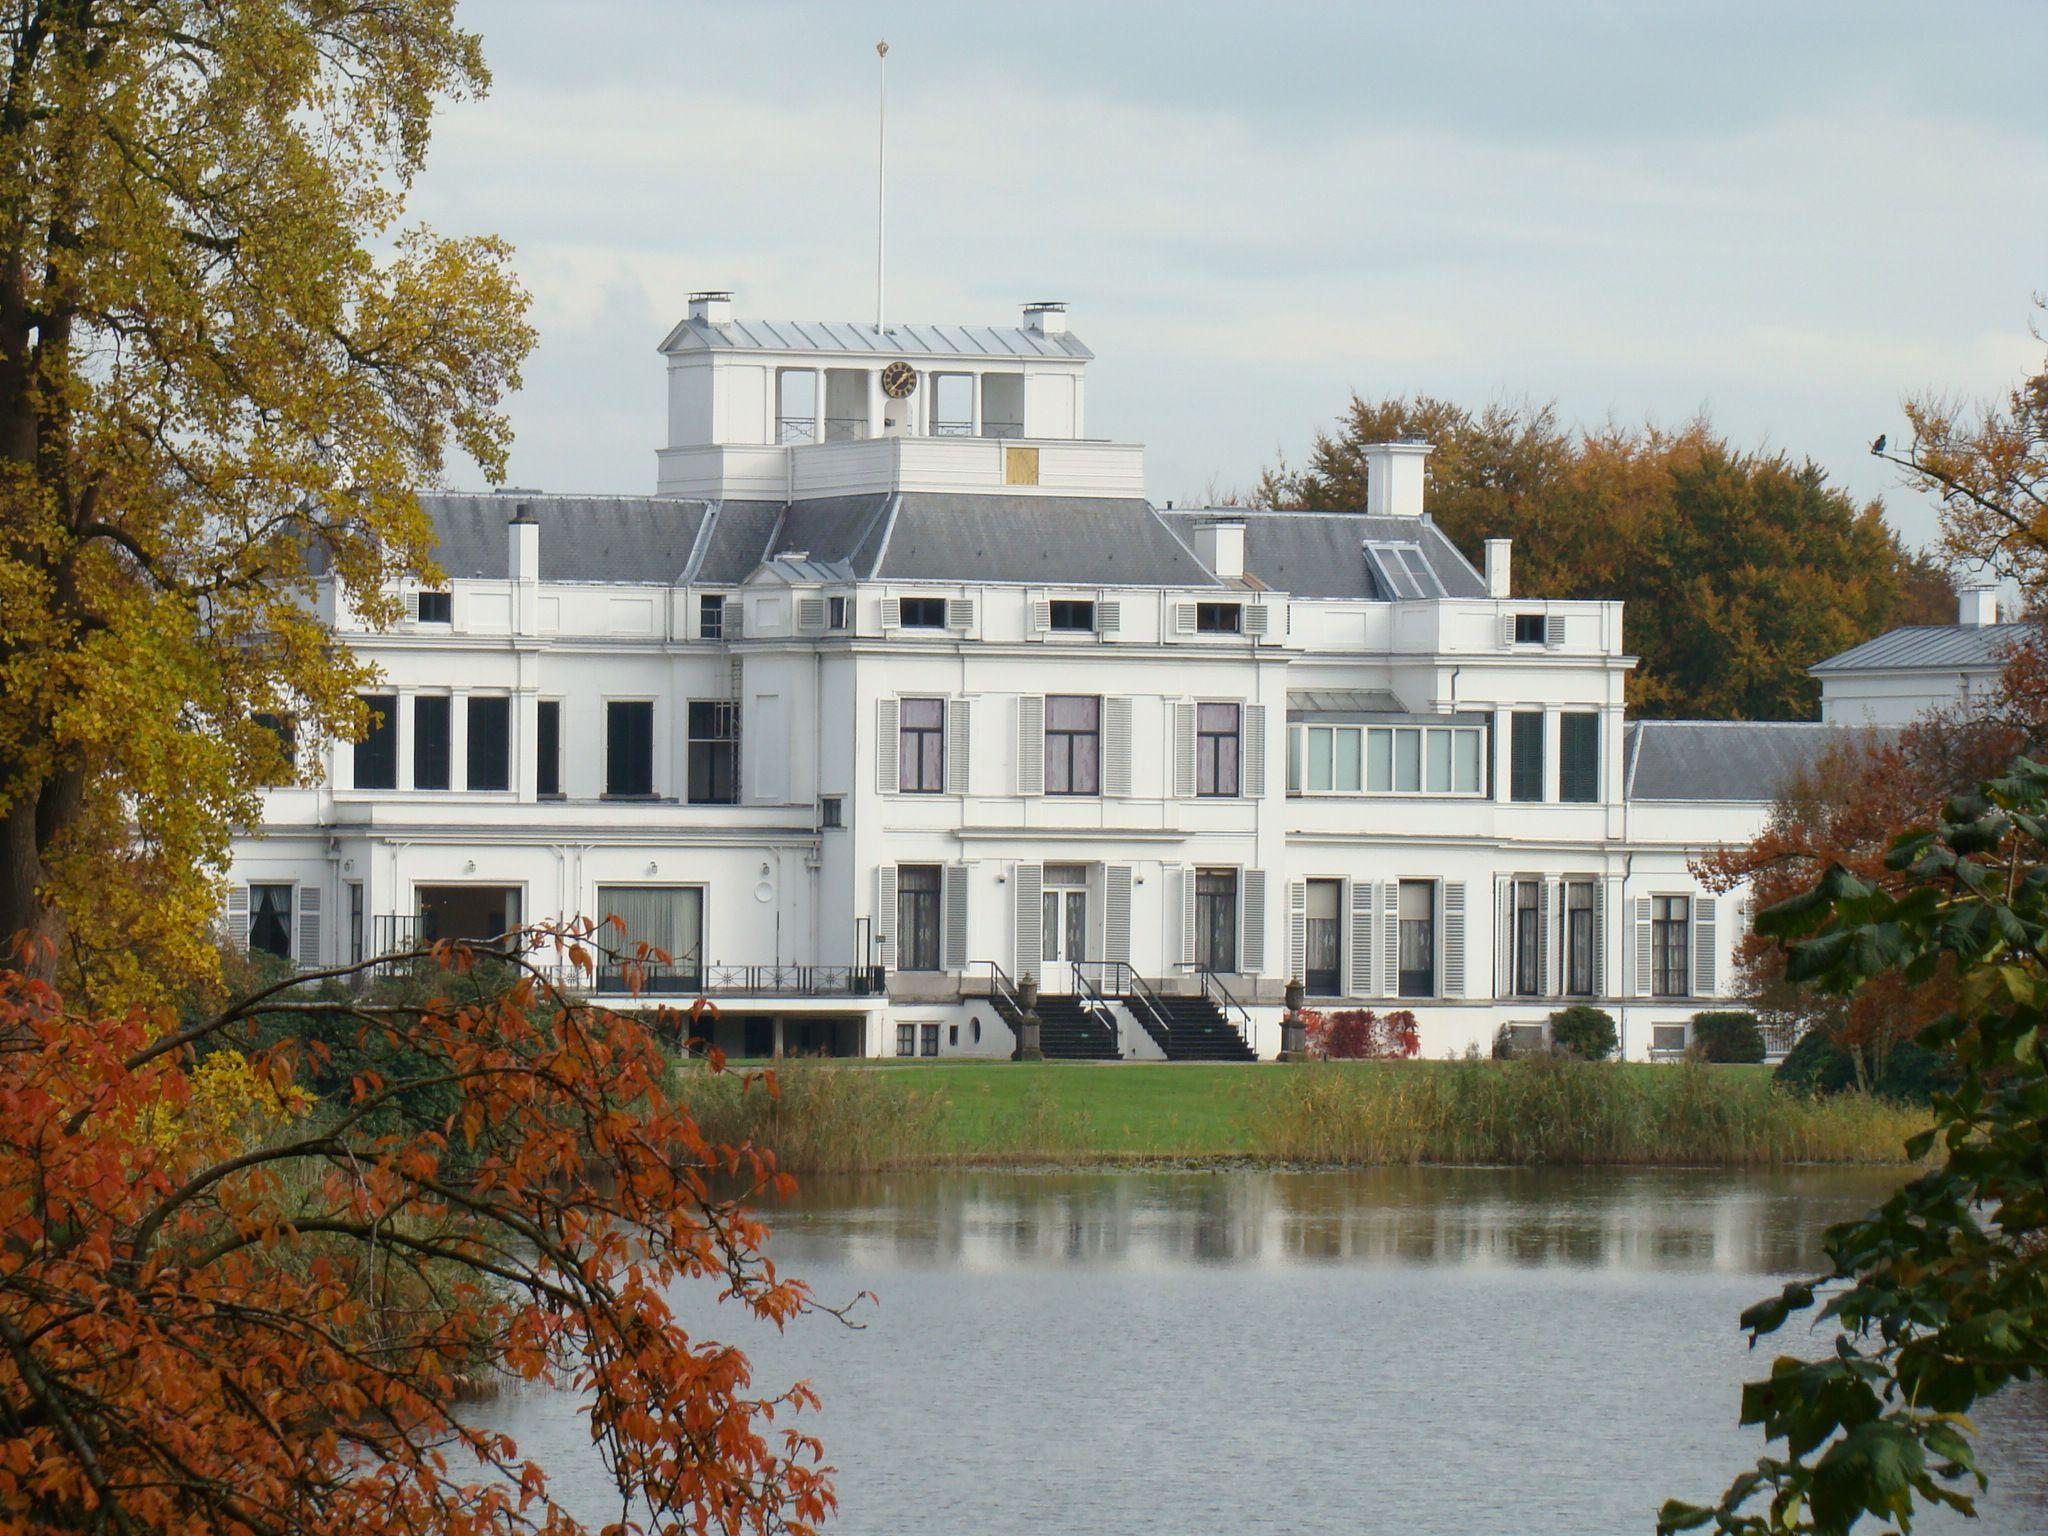 Tuin Paleis Soestdijk : Tuin paleis soestdijk castles palaces palace